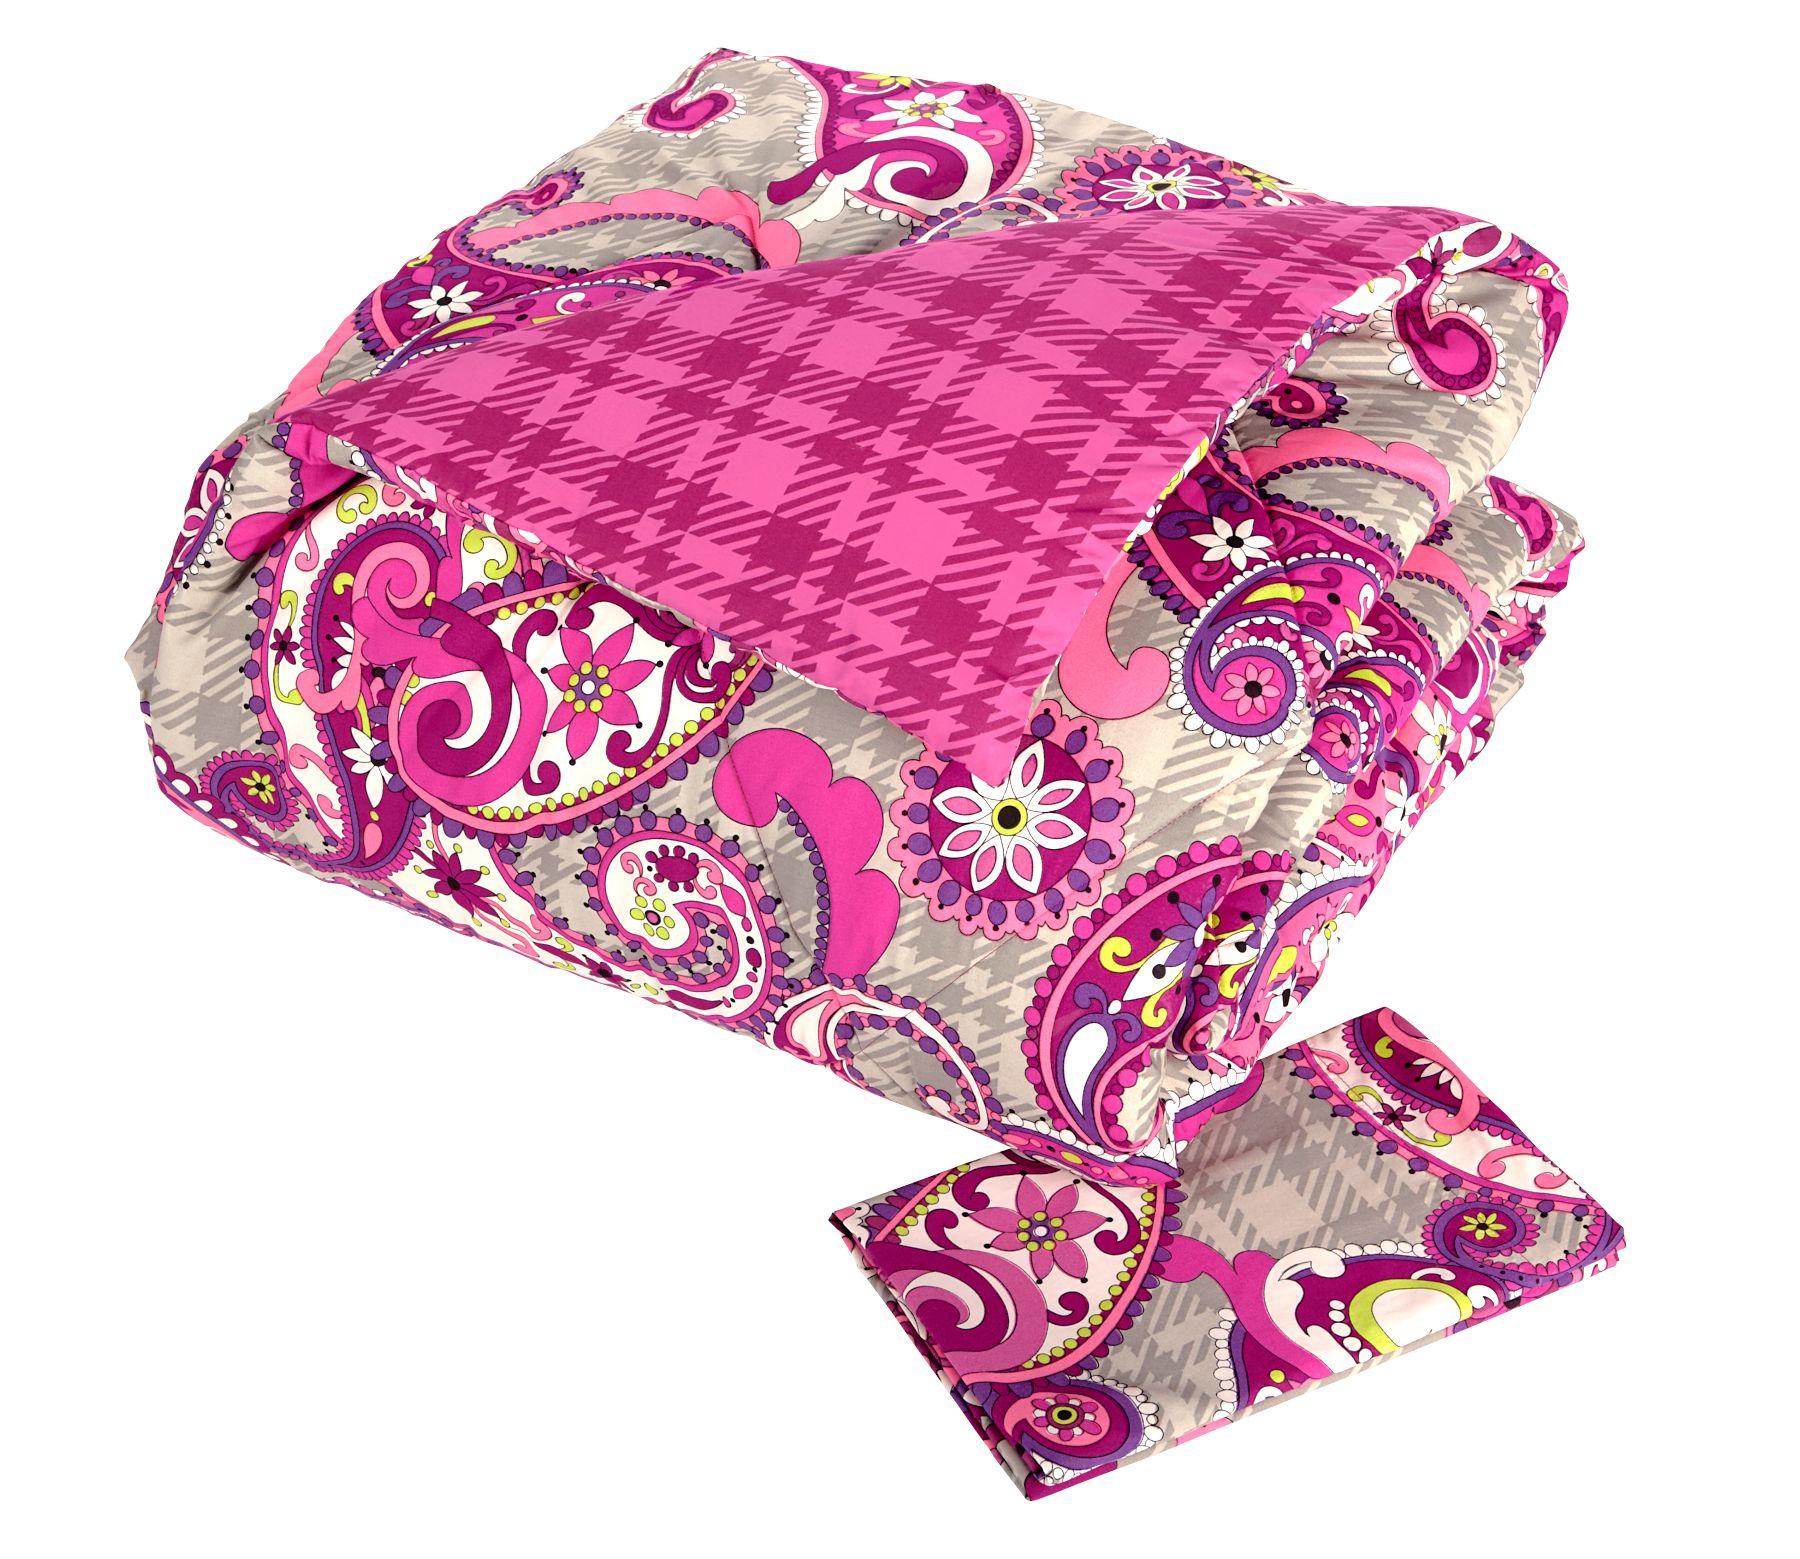 Monogram Tote Bags Vera Bradley Xl Blanket